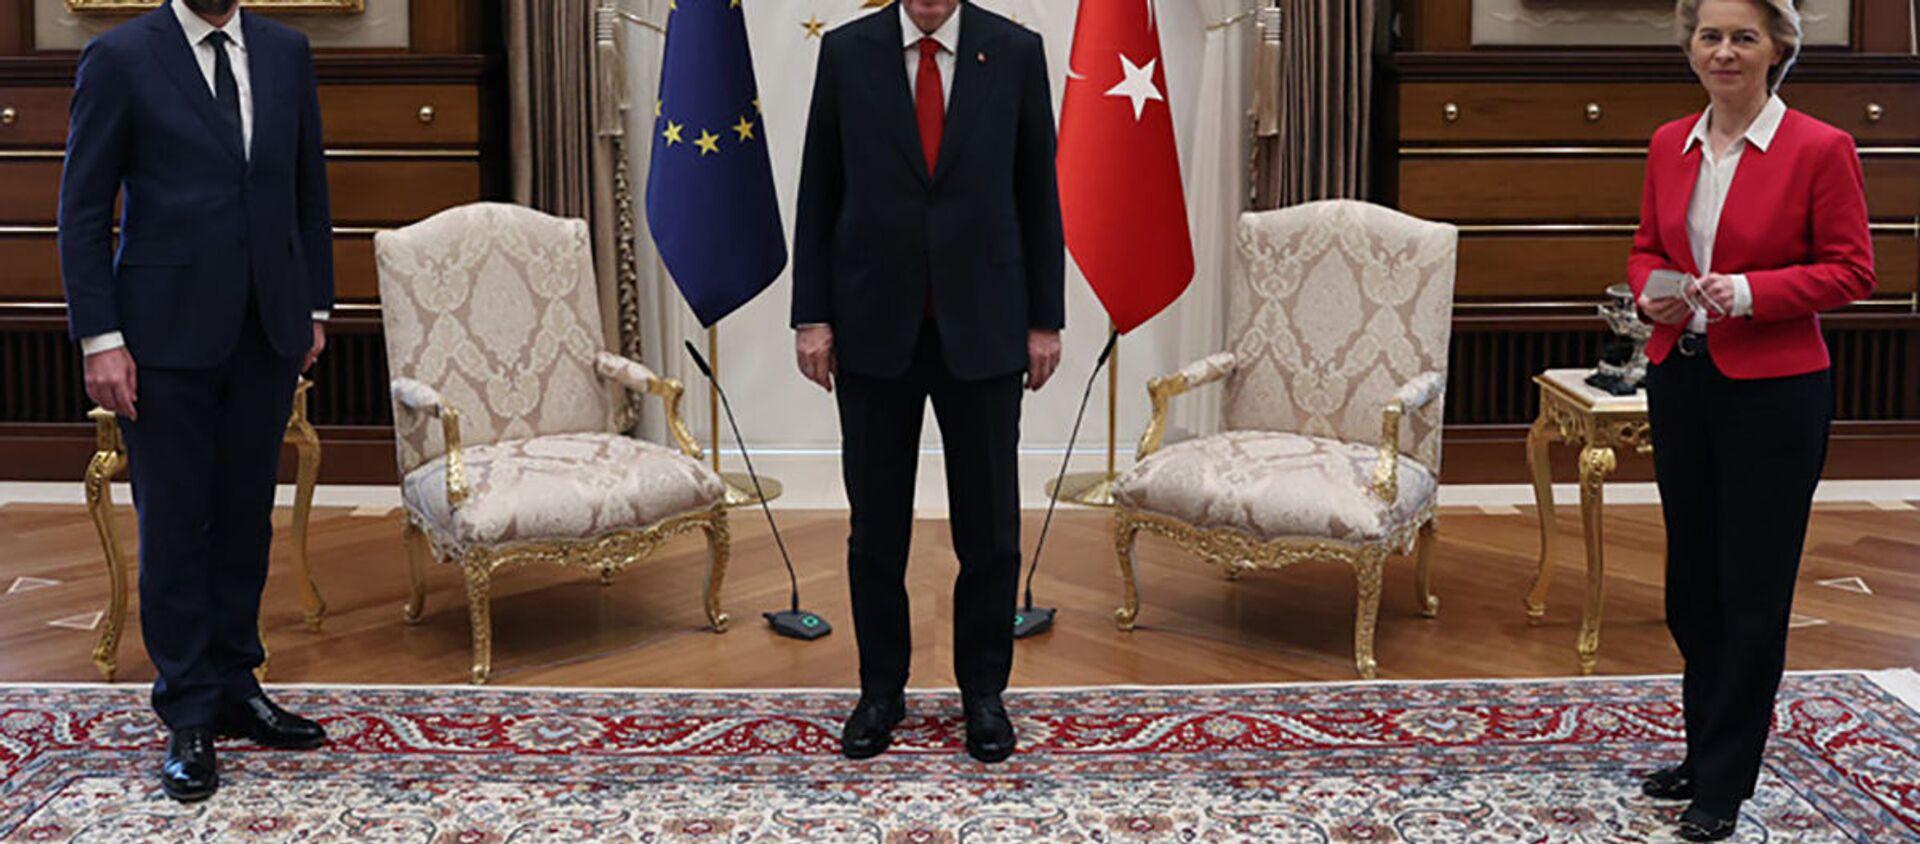 Spotkanie Recepa Tayyipa Erdogana z Ursulą von der Leyen i przewodniczącym Rady Europejskiej Charlesem Michelem w Ankarze - Sputnik Polska, 1920, 07.04.2021